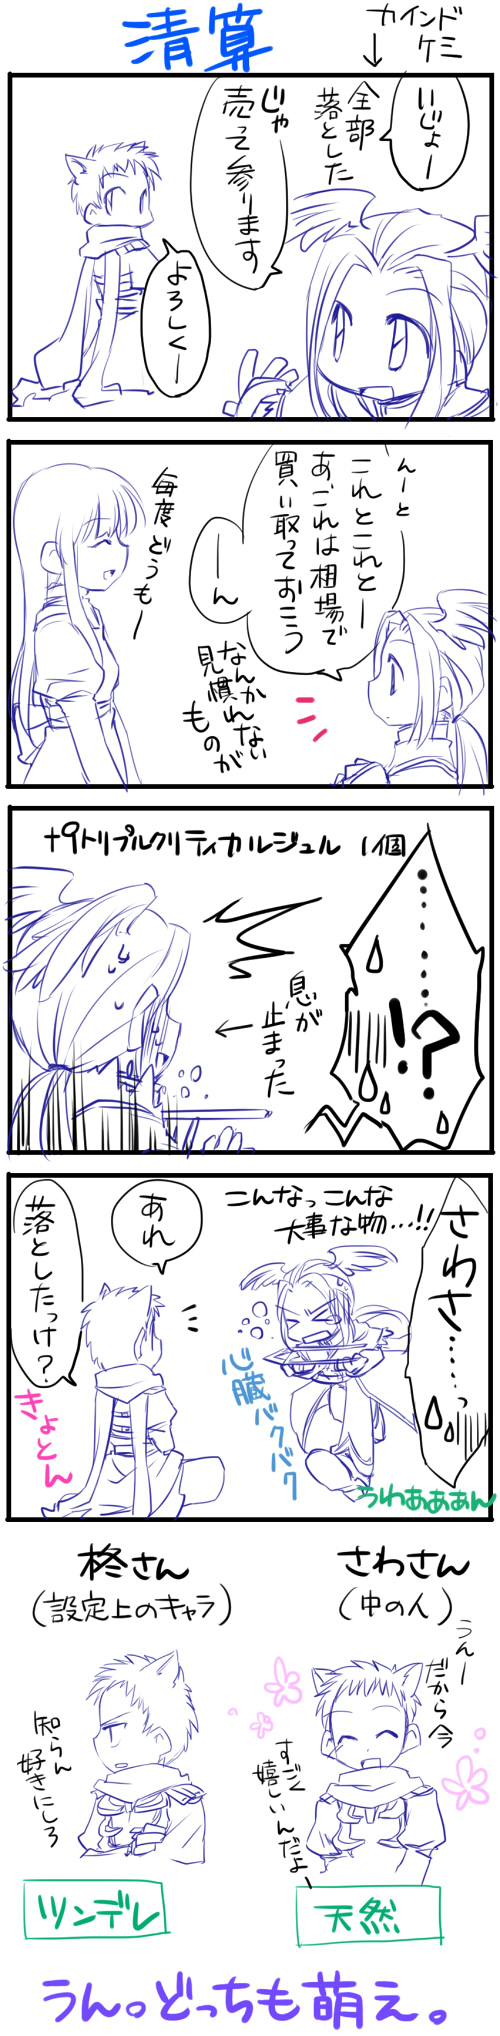 柊さんとさわさん